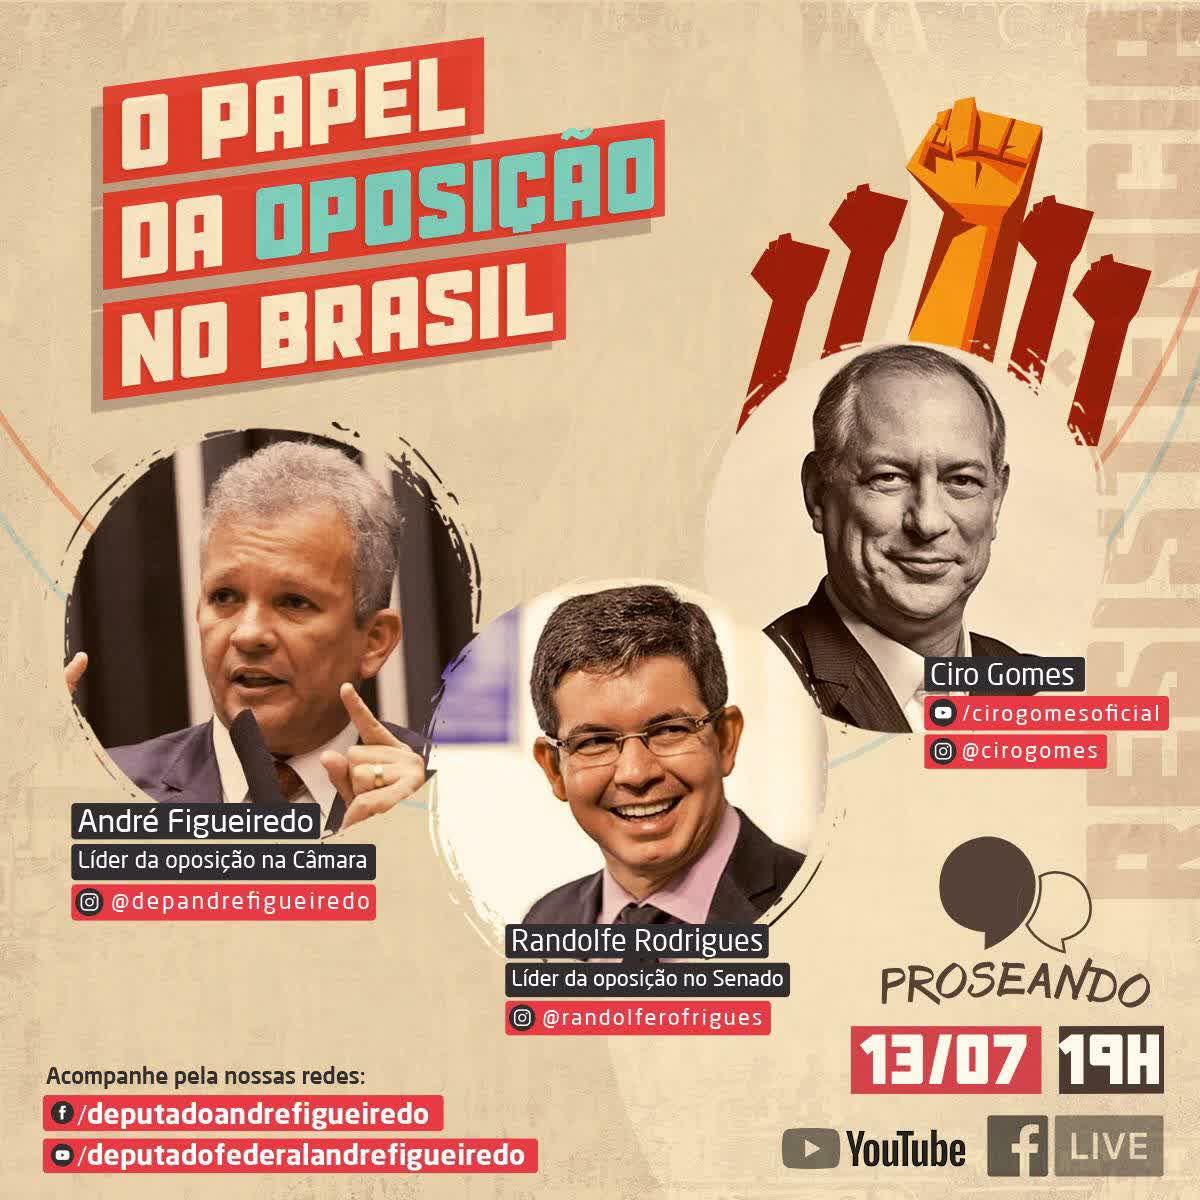 13/07/2020   Ciro Gomes, Randolfe Rodrigues e André Figueiredo; O Papel da Oposição no Brasil.